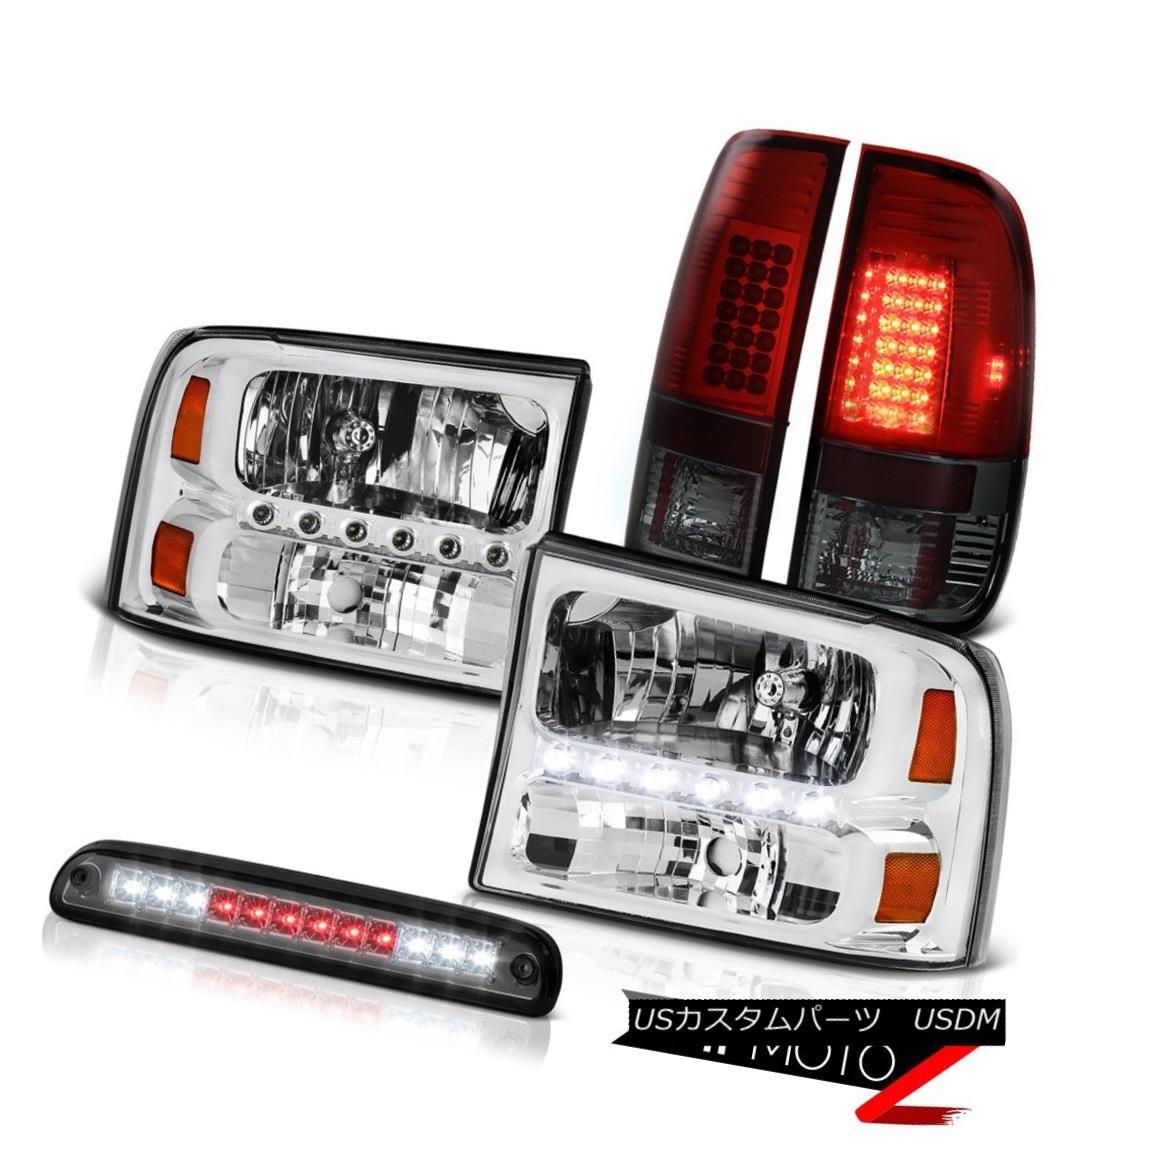 テールライト Pair Clear Headlights High Stop LED Smoke Wine Tail Light 99-04 F250 King Ranch 対クリアヘッドライトハイストップLEDスモークワインテールライト99-04 F250キングランチ